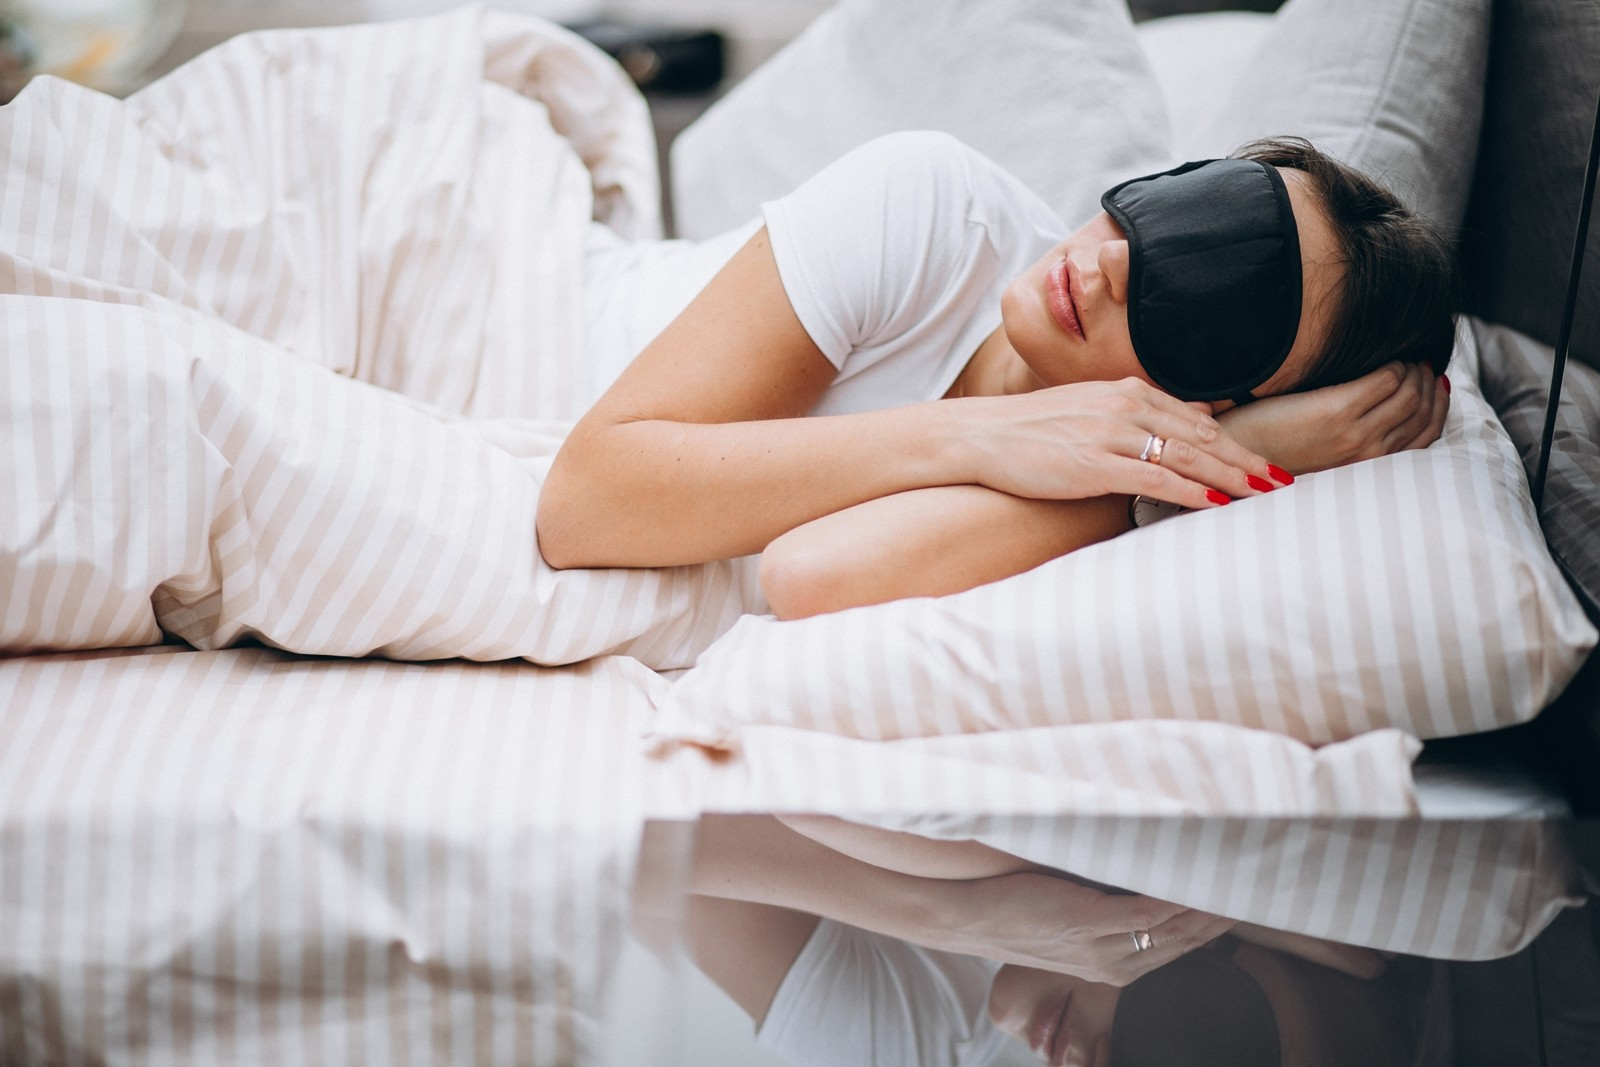 นอนไม่หลับ ปรับแก้อย่างไรดี